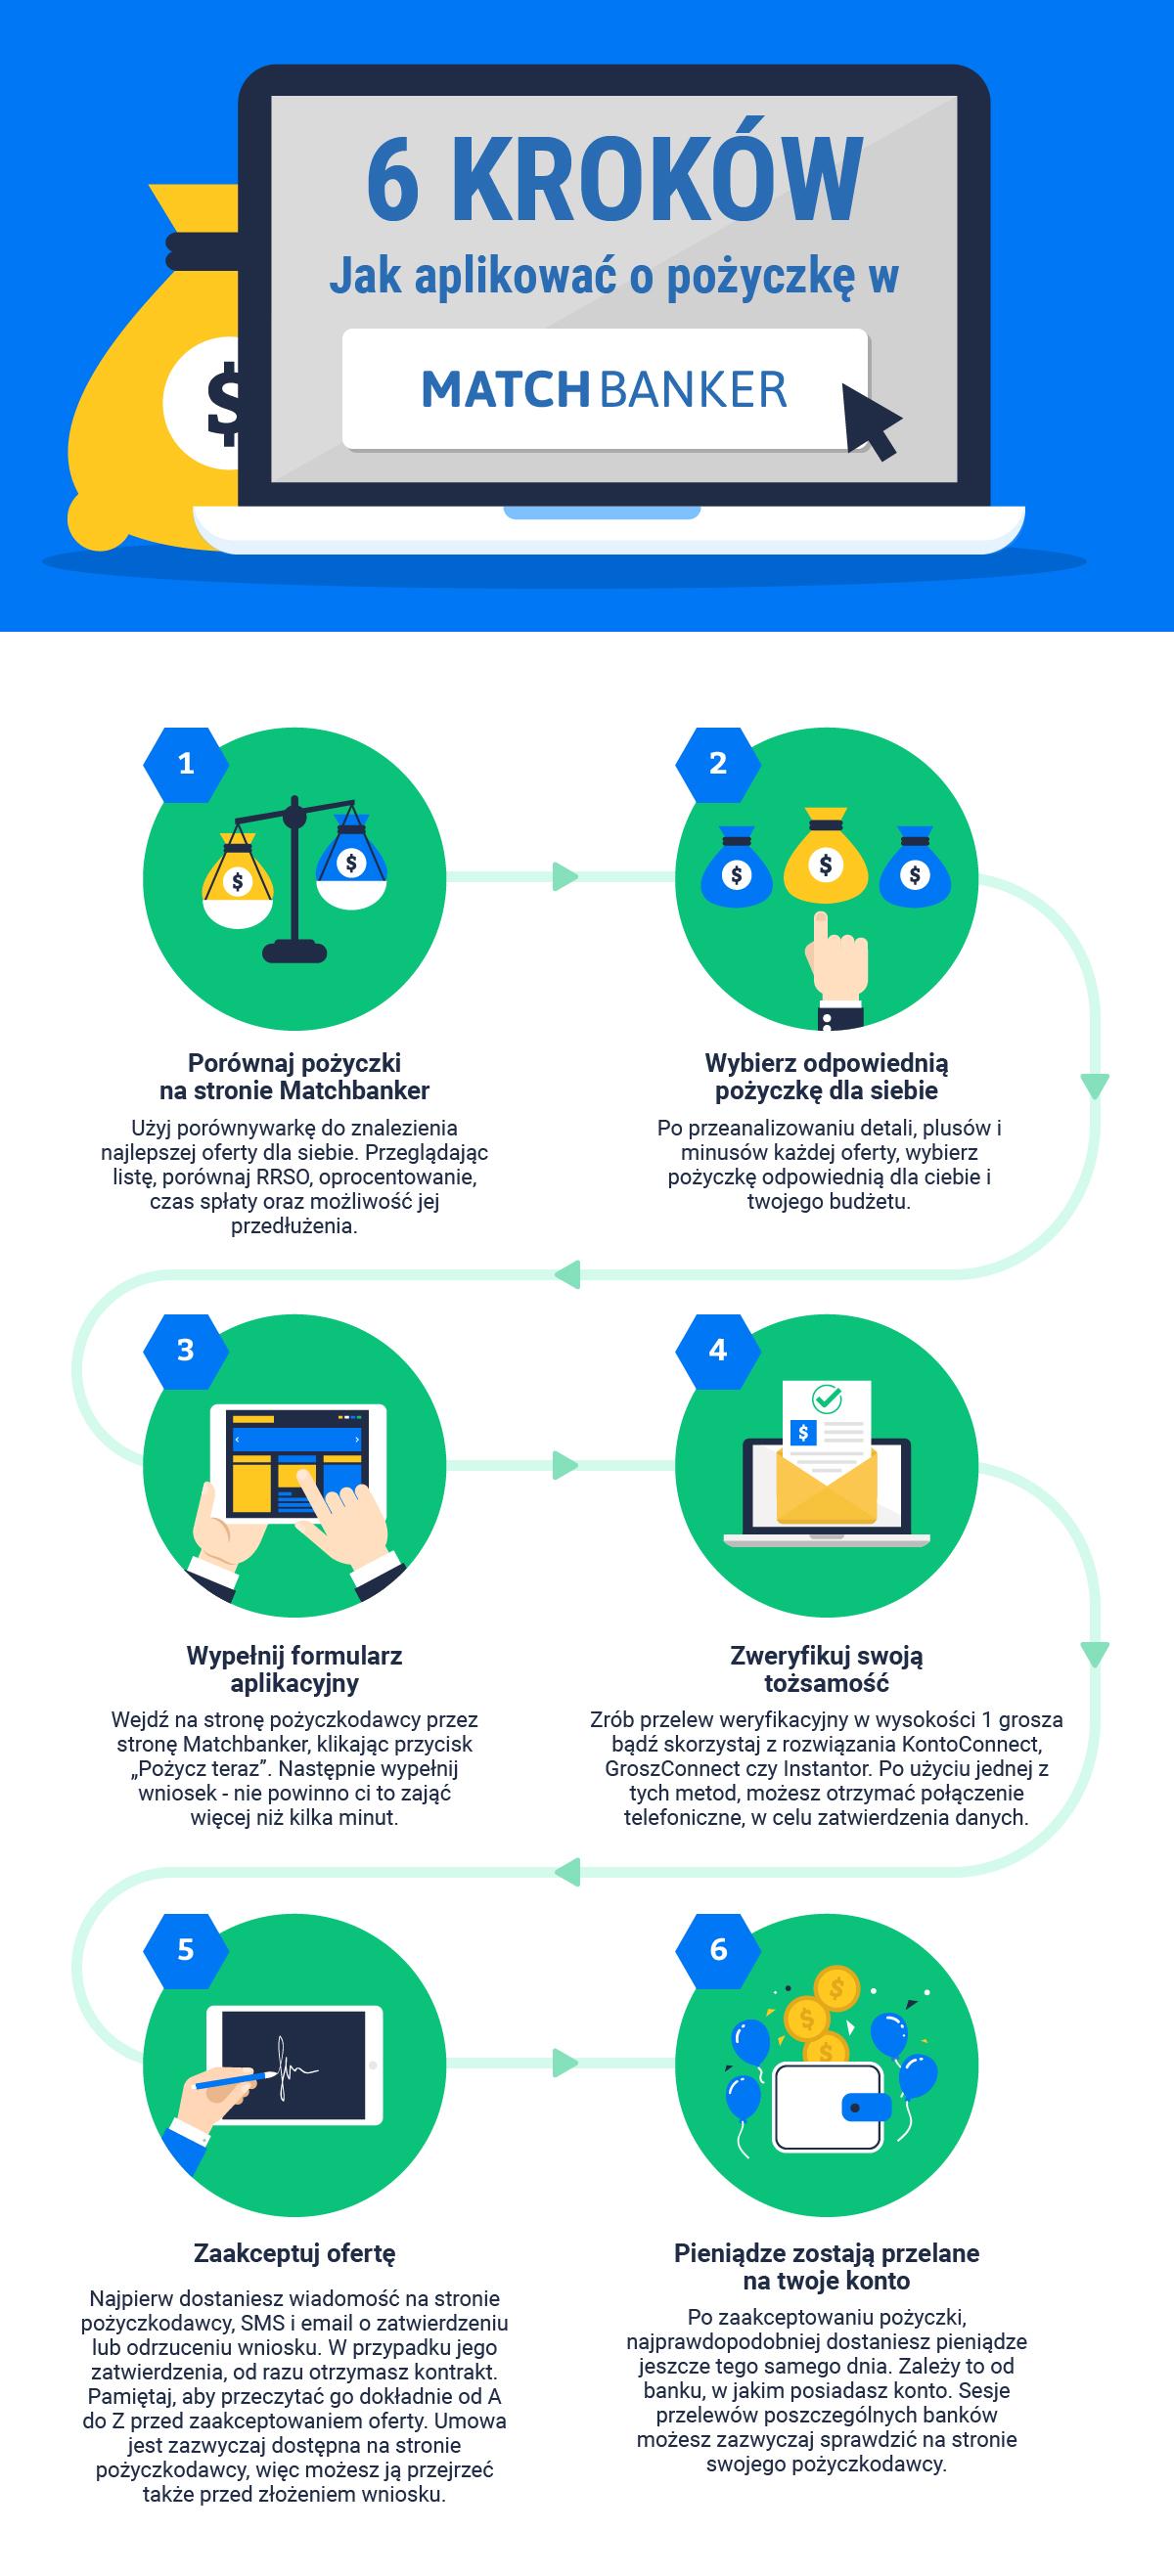 6 kroków: Jak aplikowac o pozyczke w Matchbanker